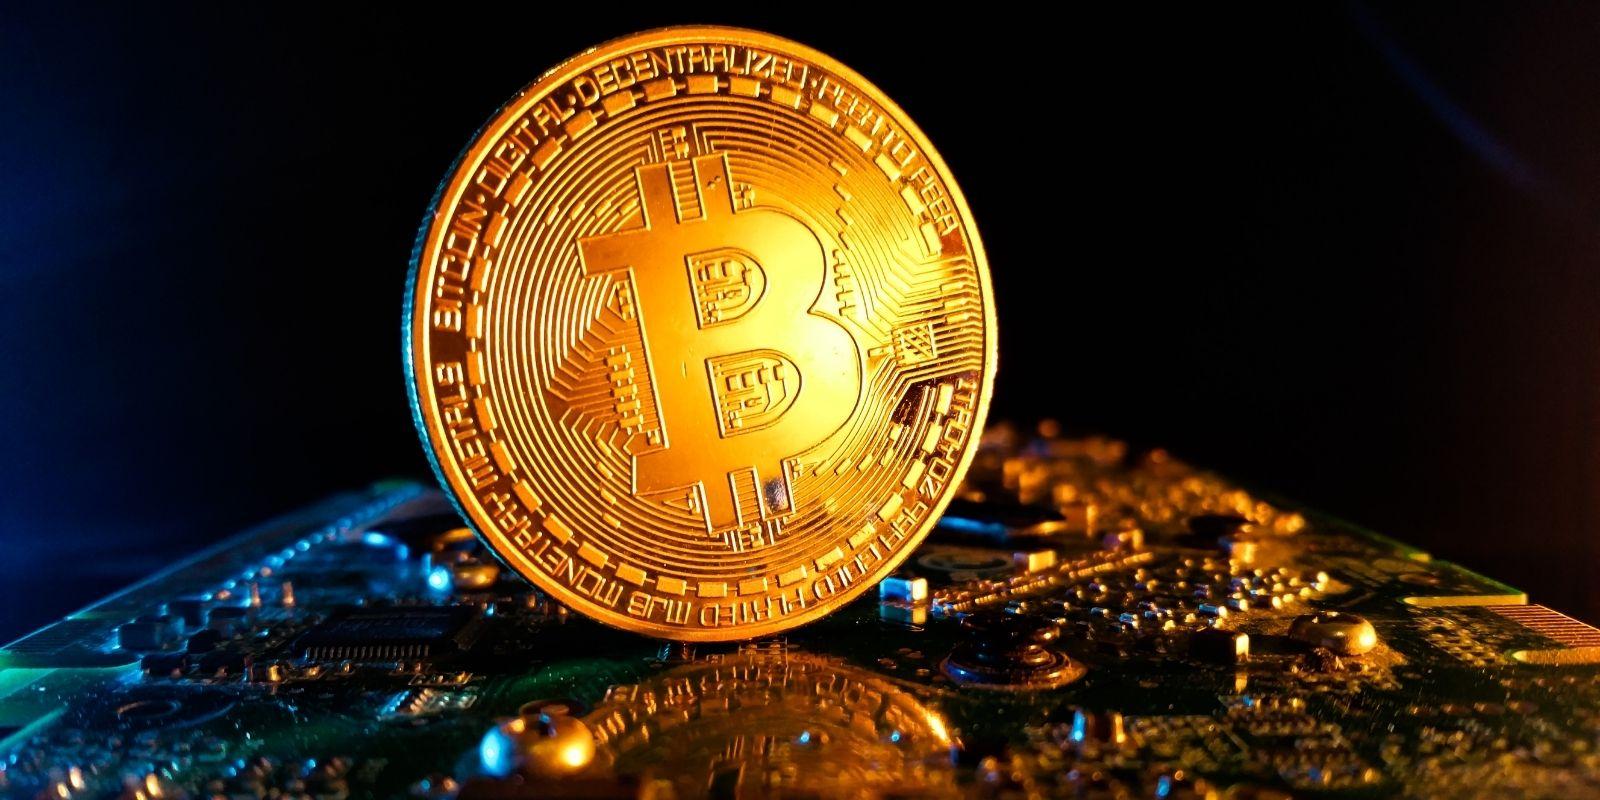 kurumsal benimseme bitcoin yukselisini destekledi 602117029ac97